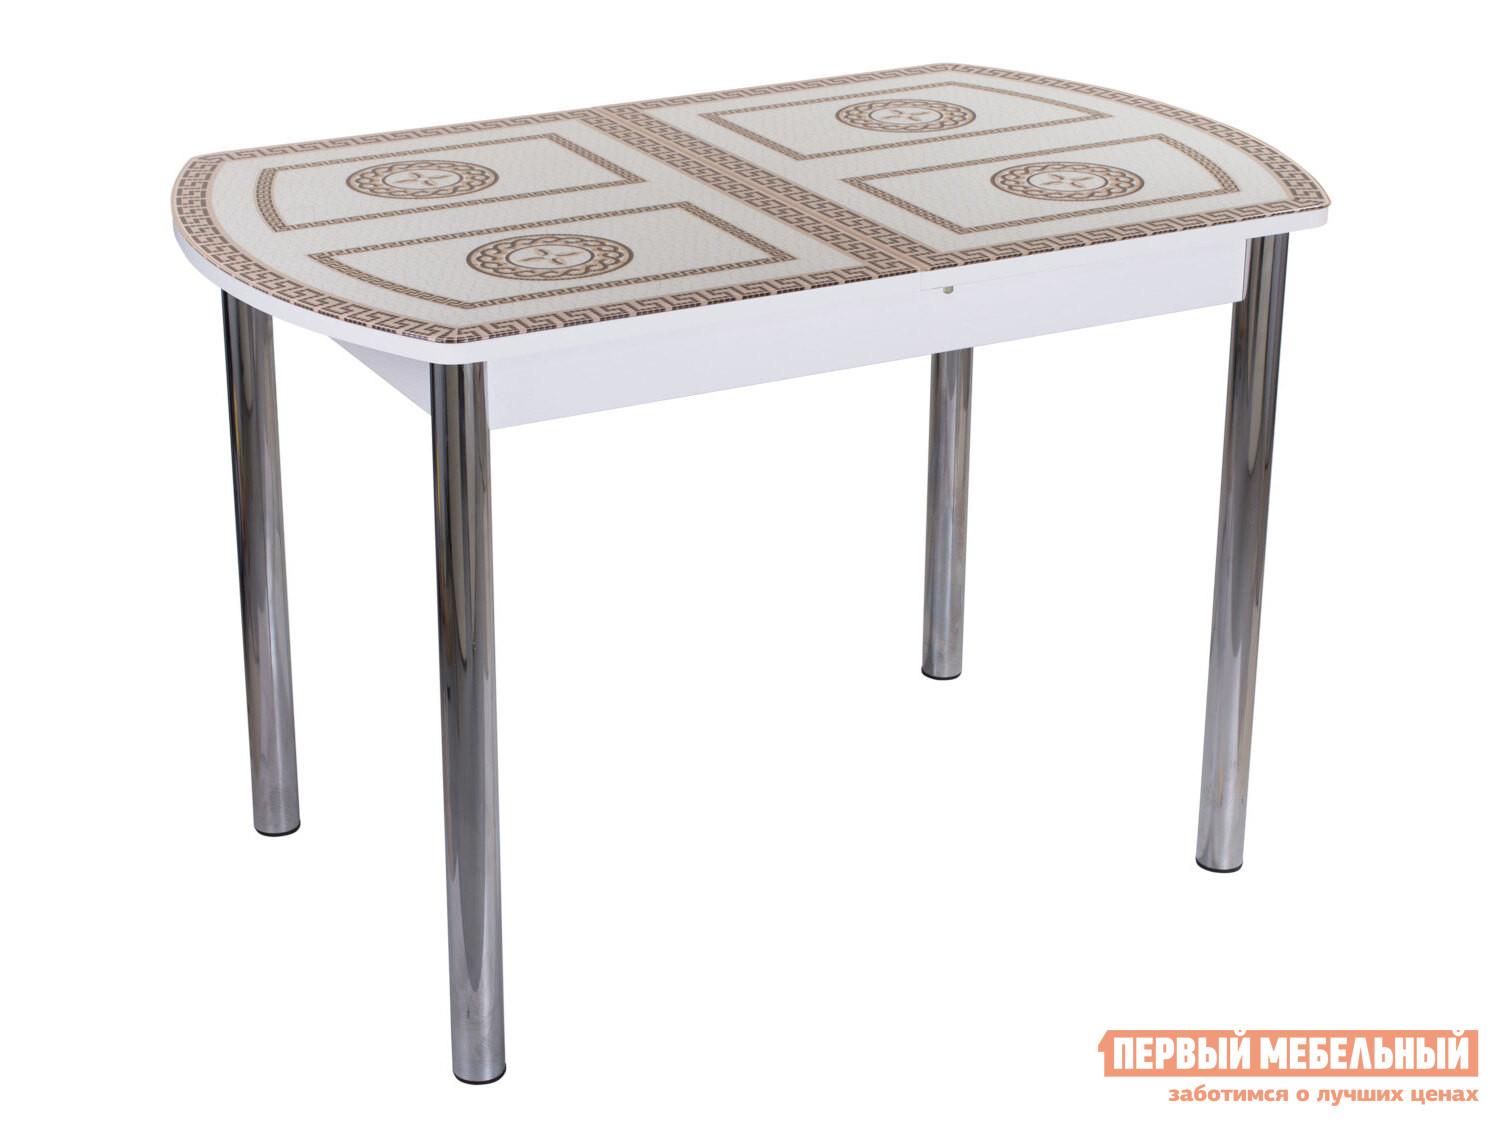 Фото - Кухонный стол Домотека Танго ПО со стеклом с ножками 02 стол домотека танго по бл ст 71 07 вп бл